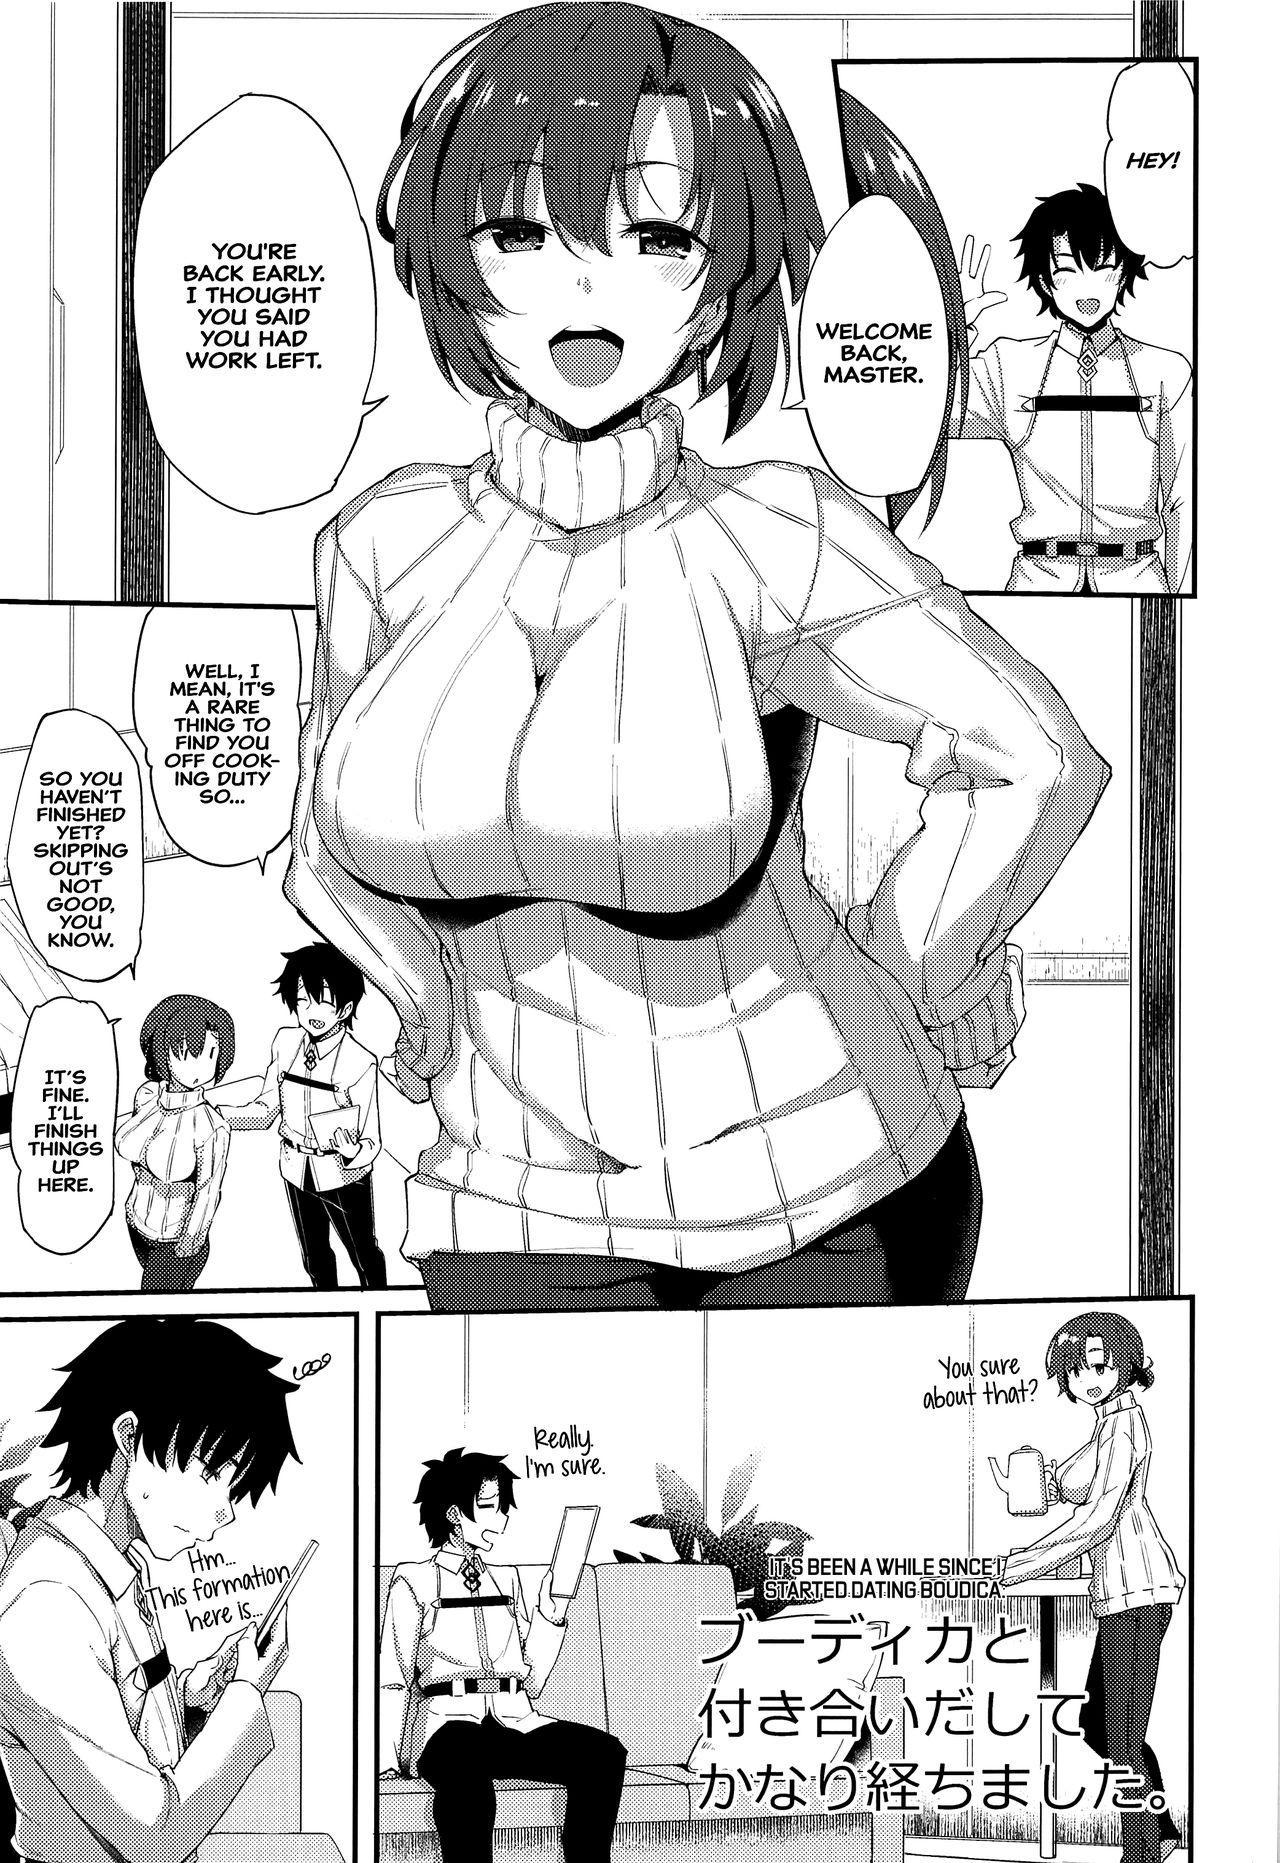 Boudica to Tsukiaidashite Kekkou Tachimashita.   It's Been A While Since I Started Dating Boudica. 1